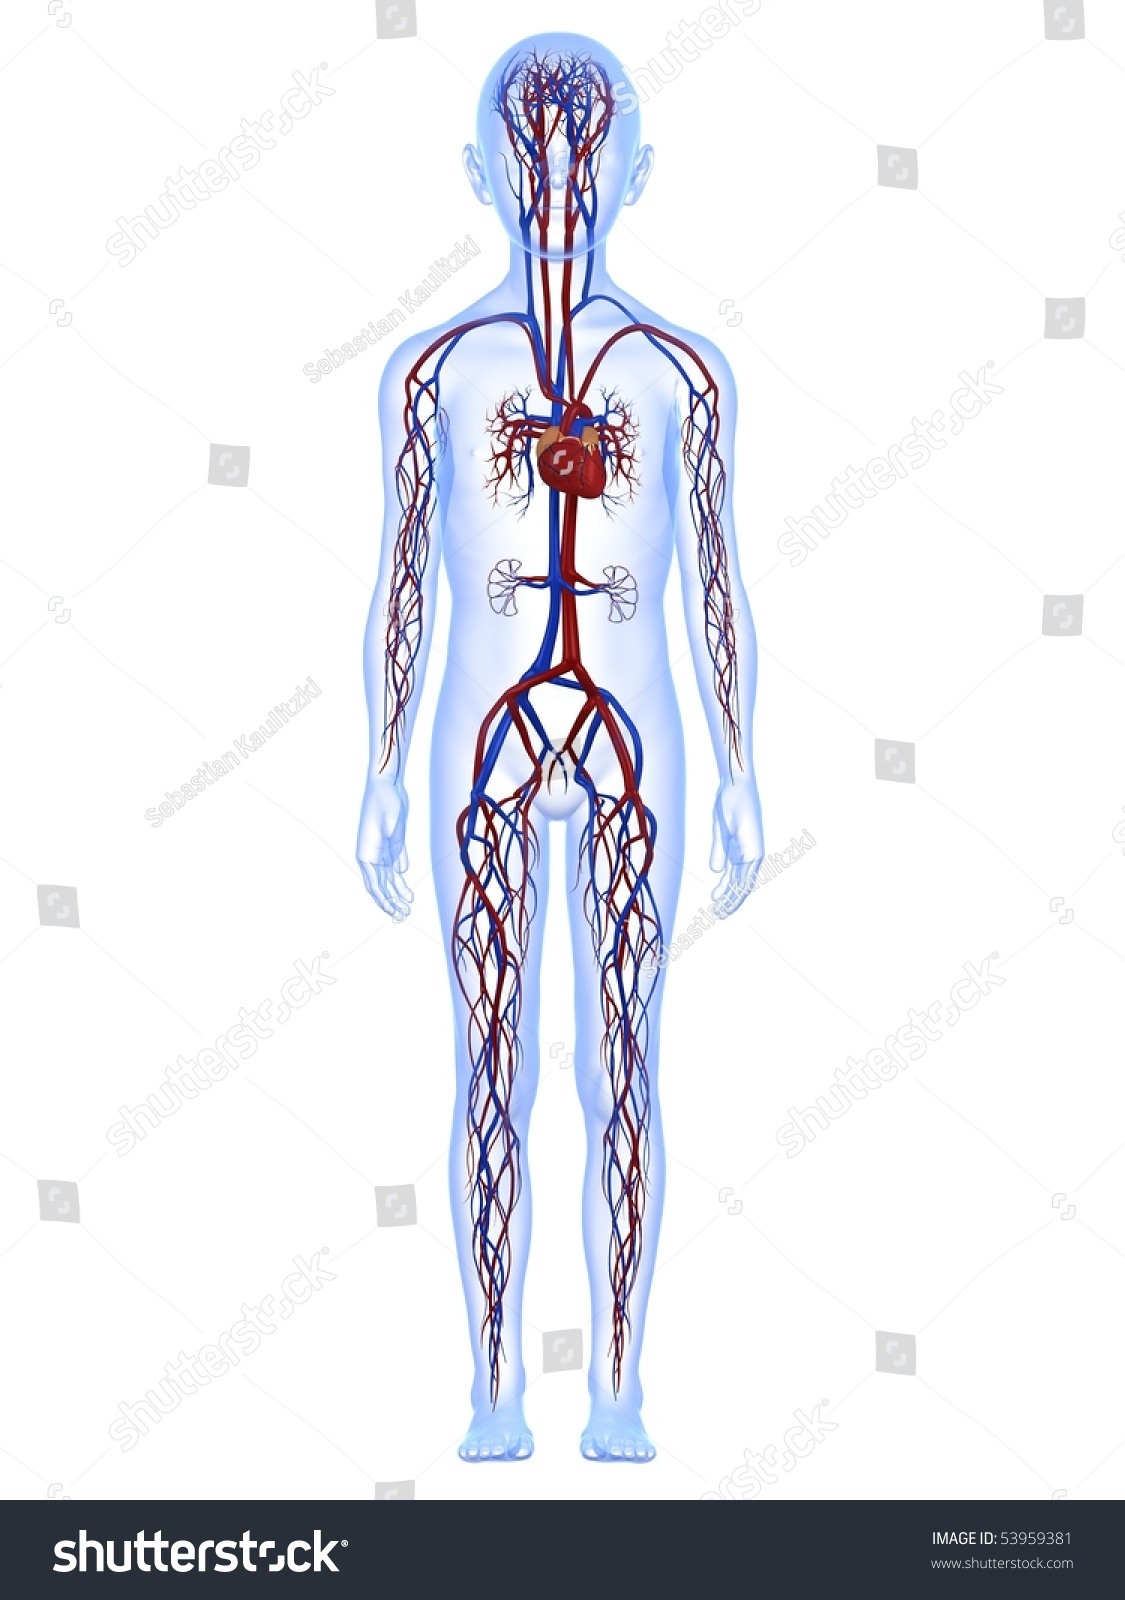 Male Child Anatomy Vascular System Stock Illustration 53959381 ...